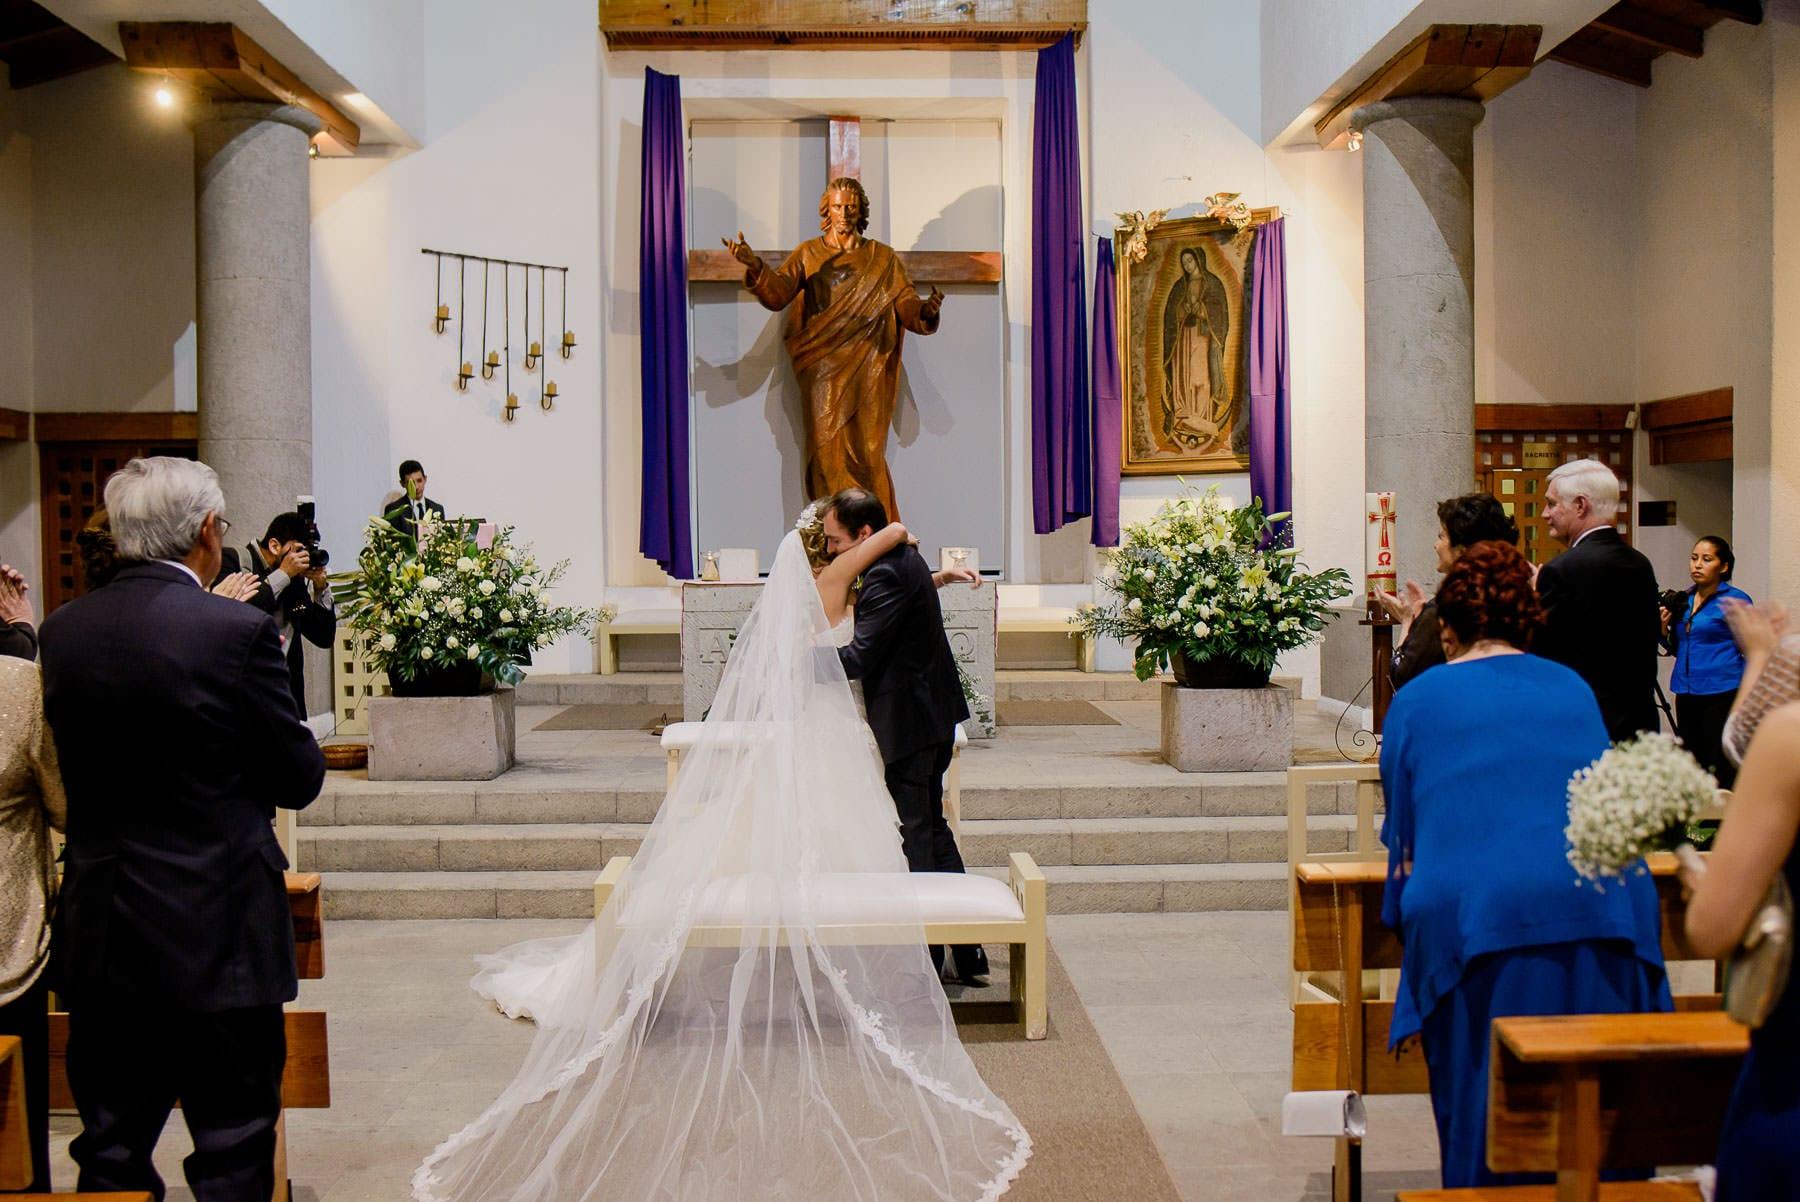 fotografo-de-bodas-en-queretaro-43